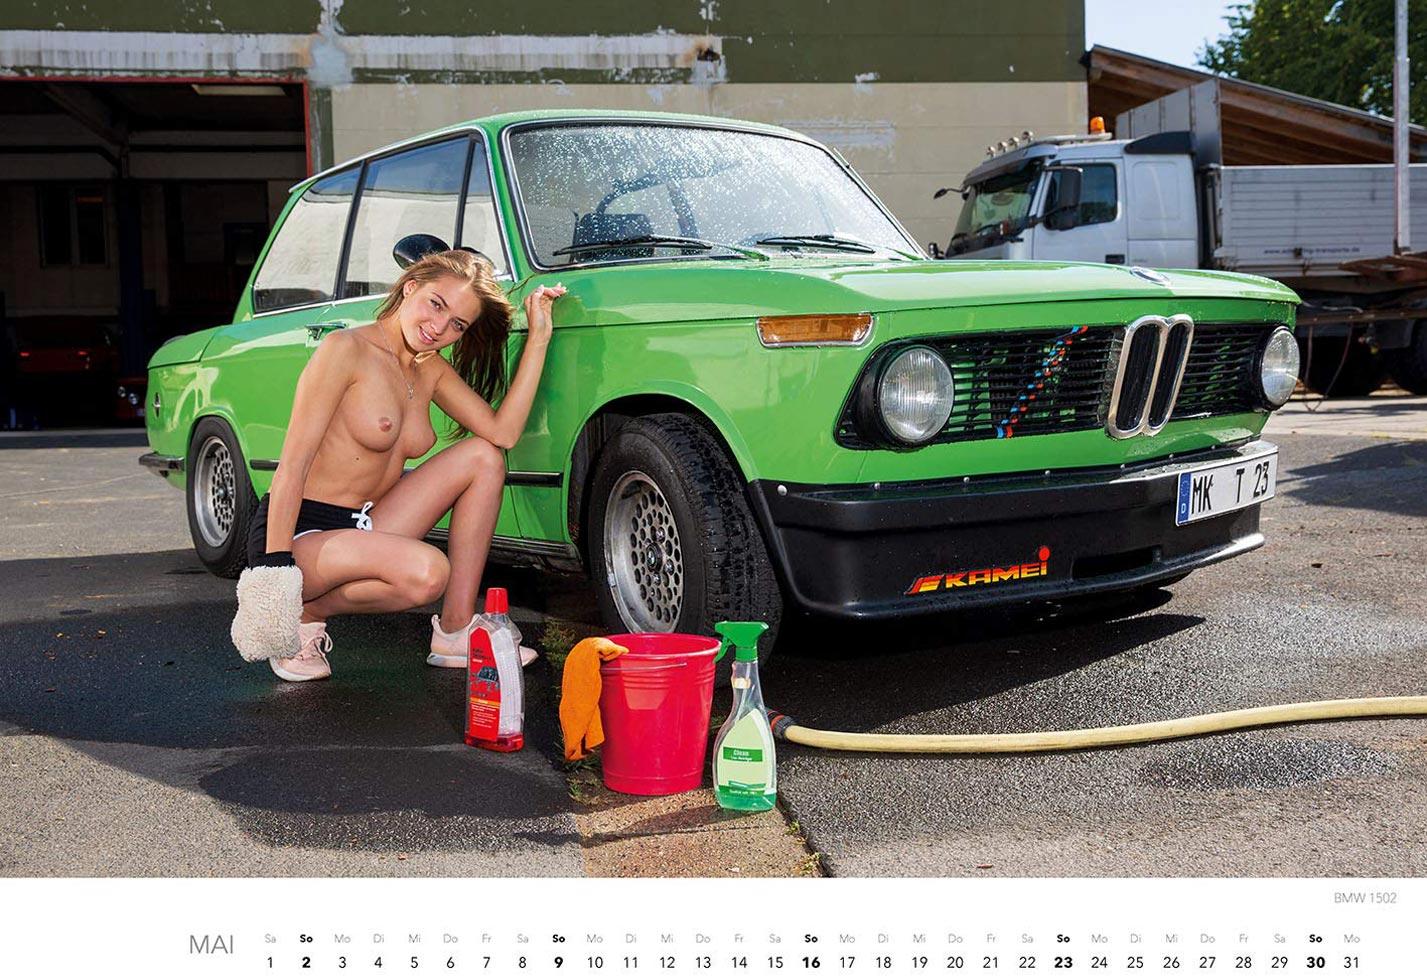 Эротический календарь с сексуальными полуголыми девушками, моющими машины / май